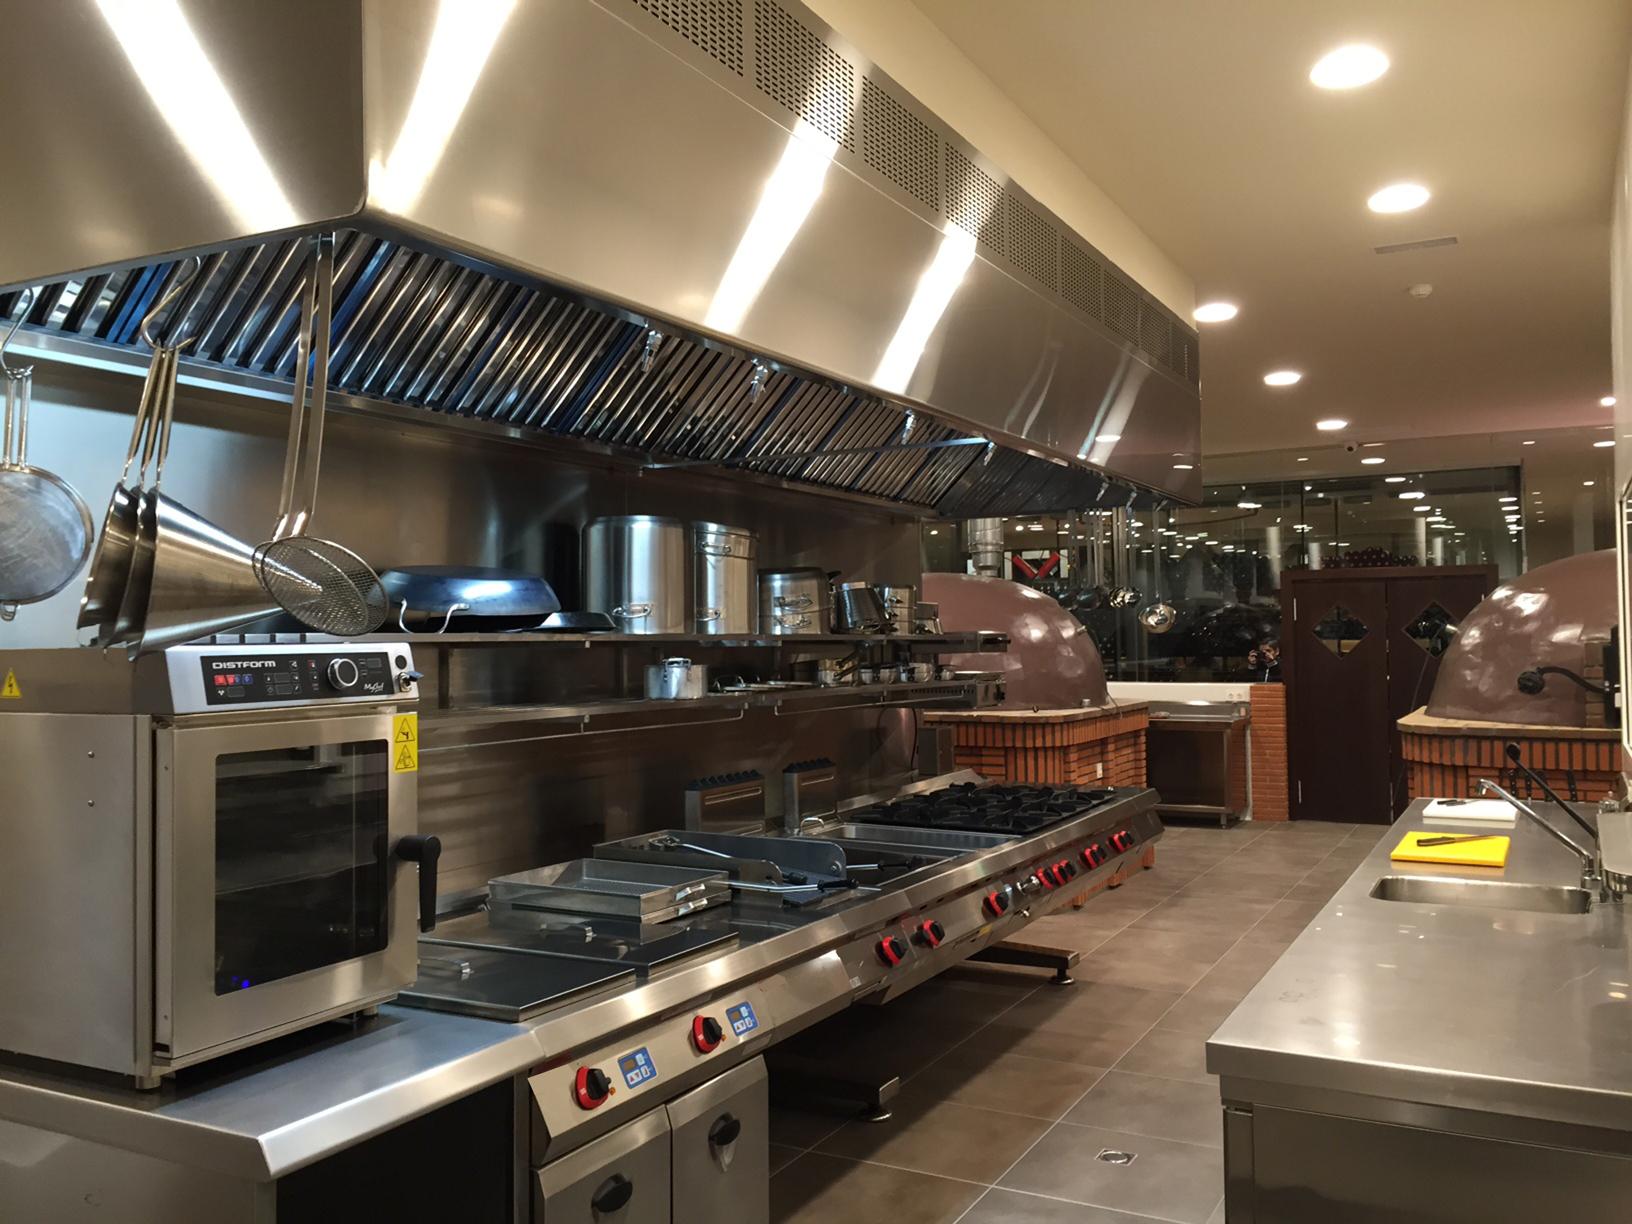 Intecnews 3 instalaci n del mes for Instalacion cocina industrial